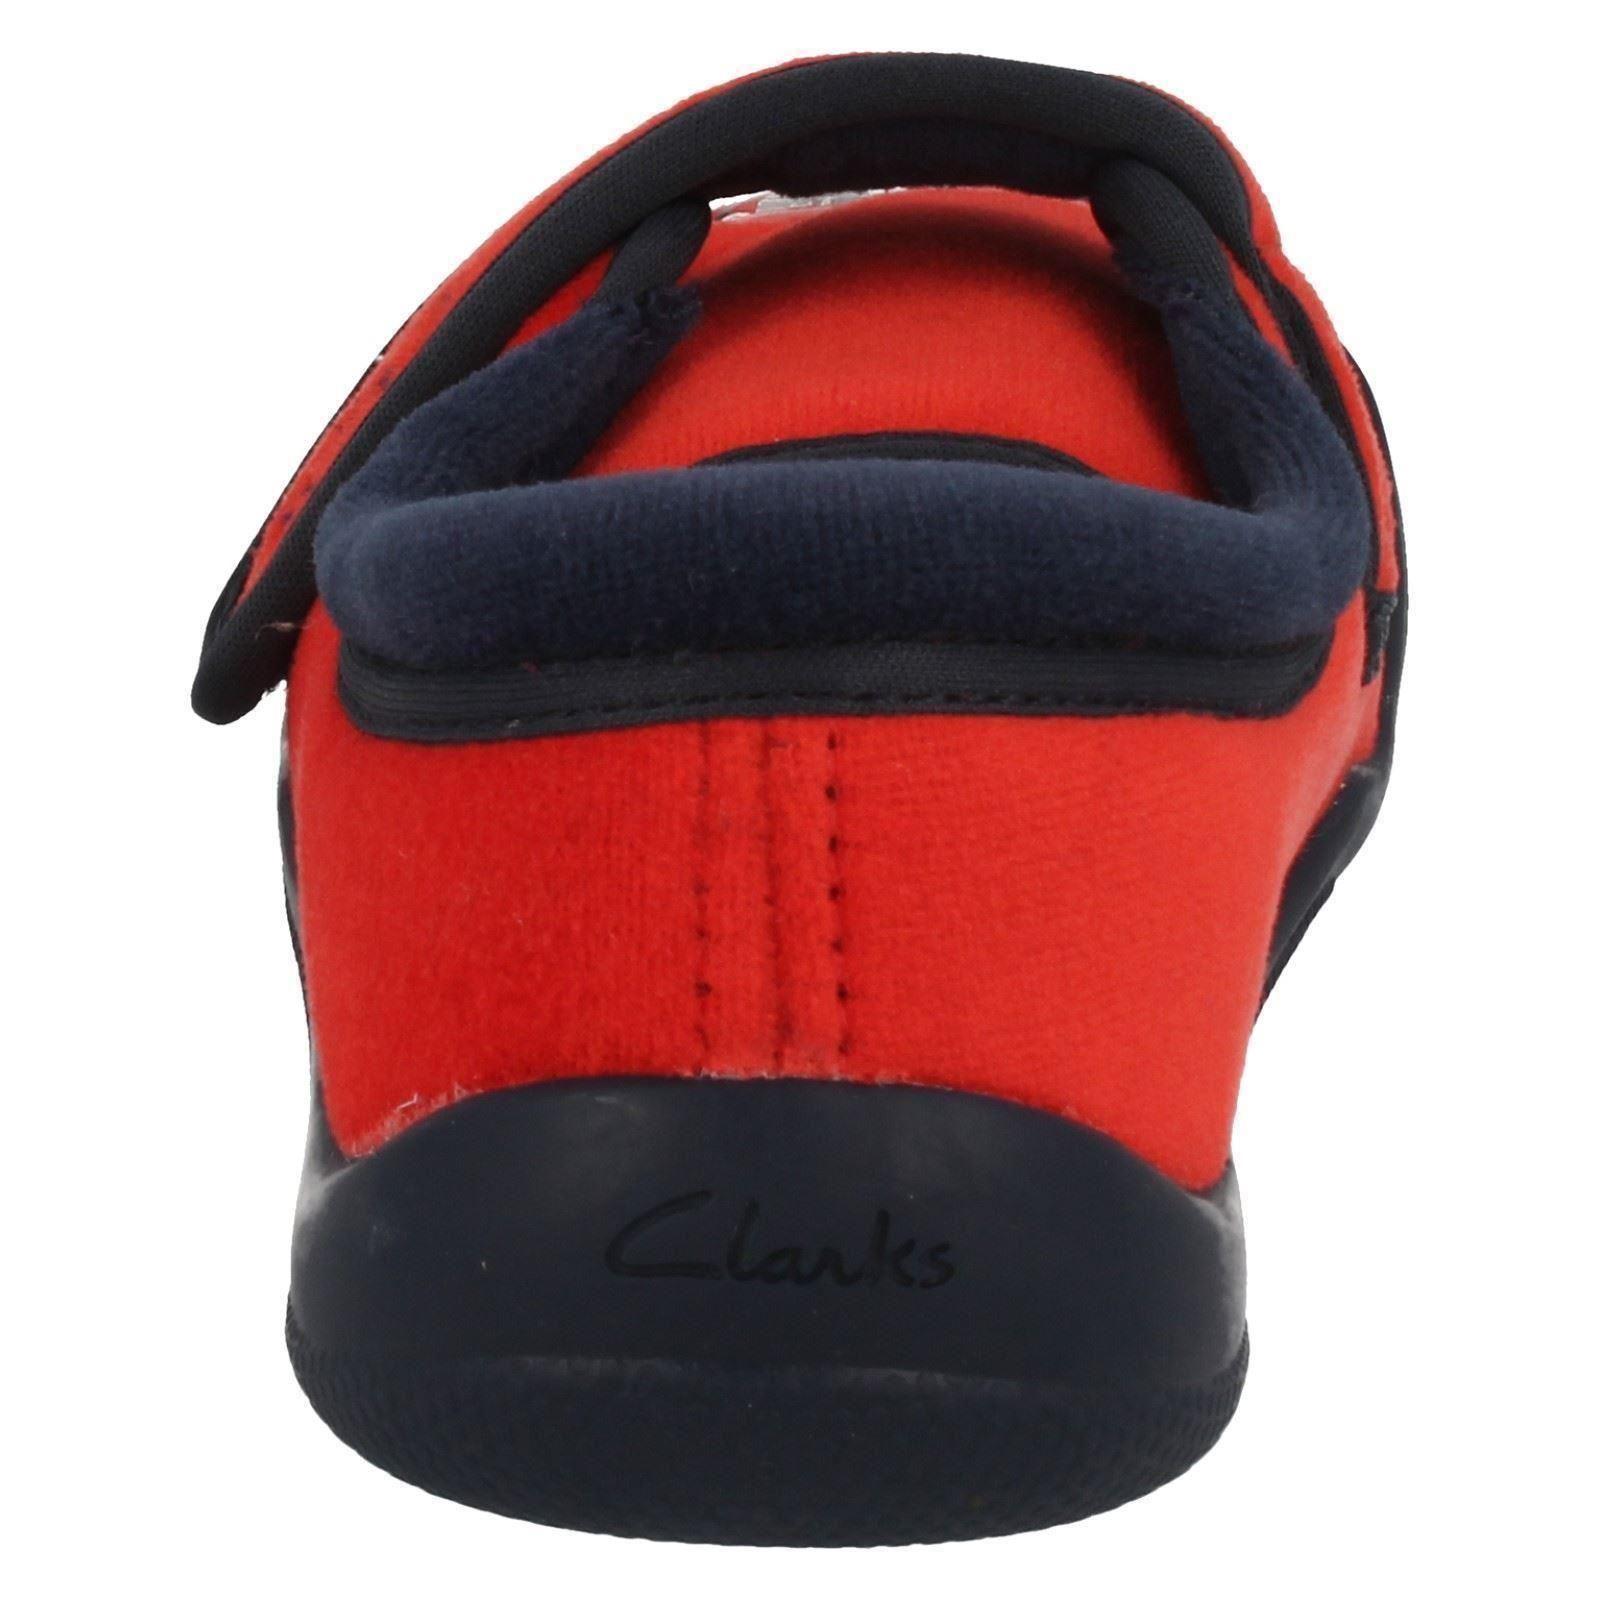 Chicos Clarks textil Hook & Loop piloto Zapatillas * Cuba Borde *